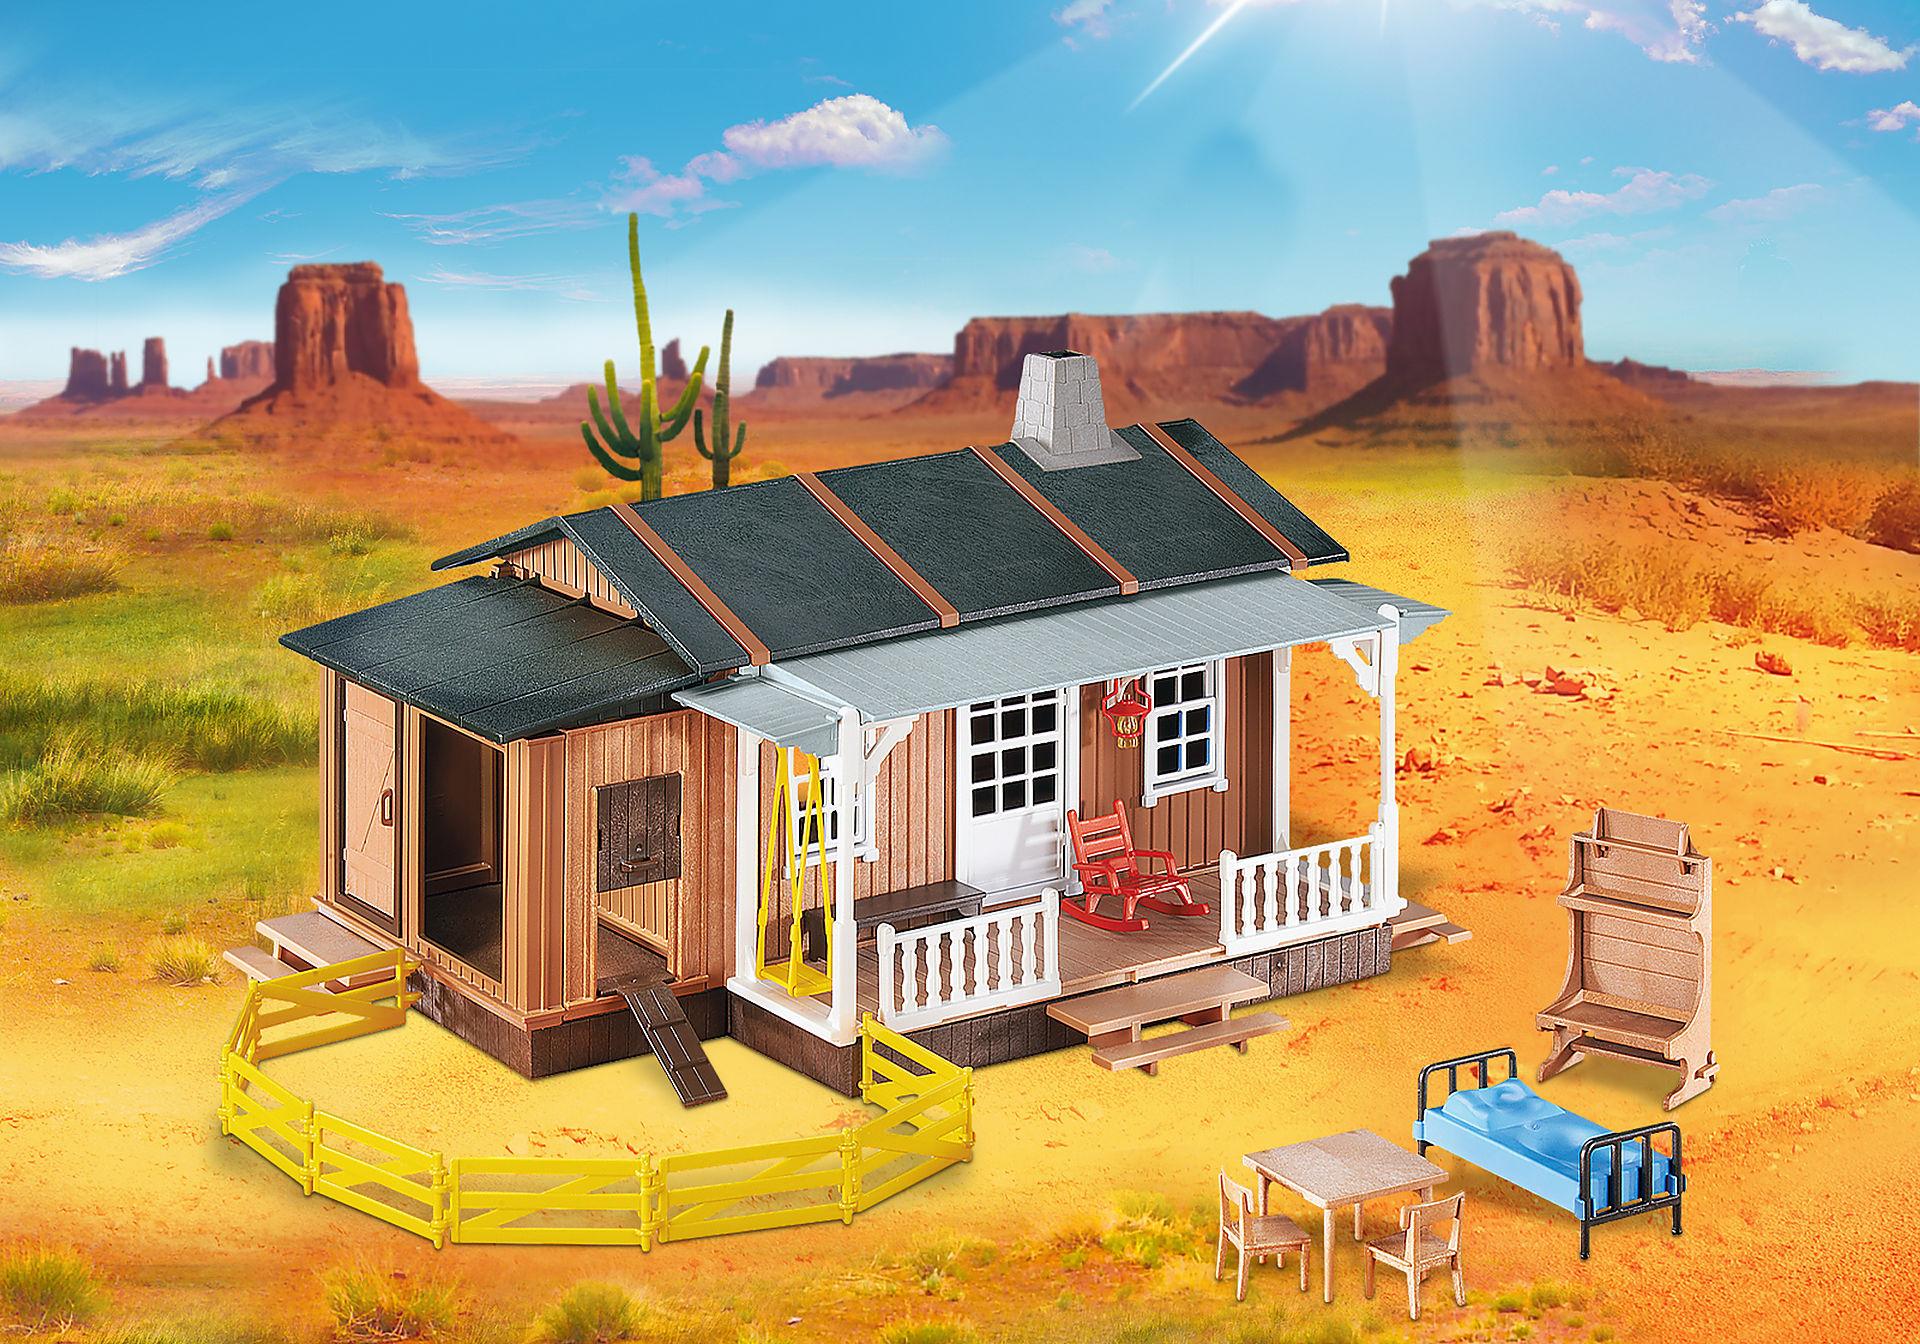 6410 Αγροτική κατοικία Άγριας Δύσης zoom image1